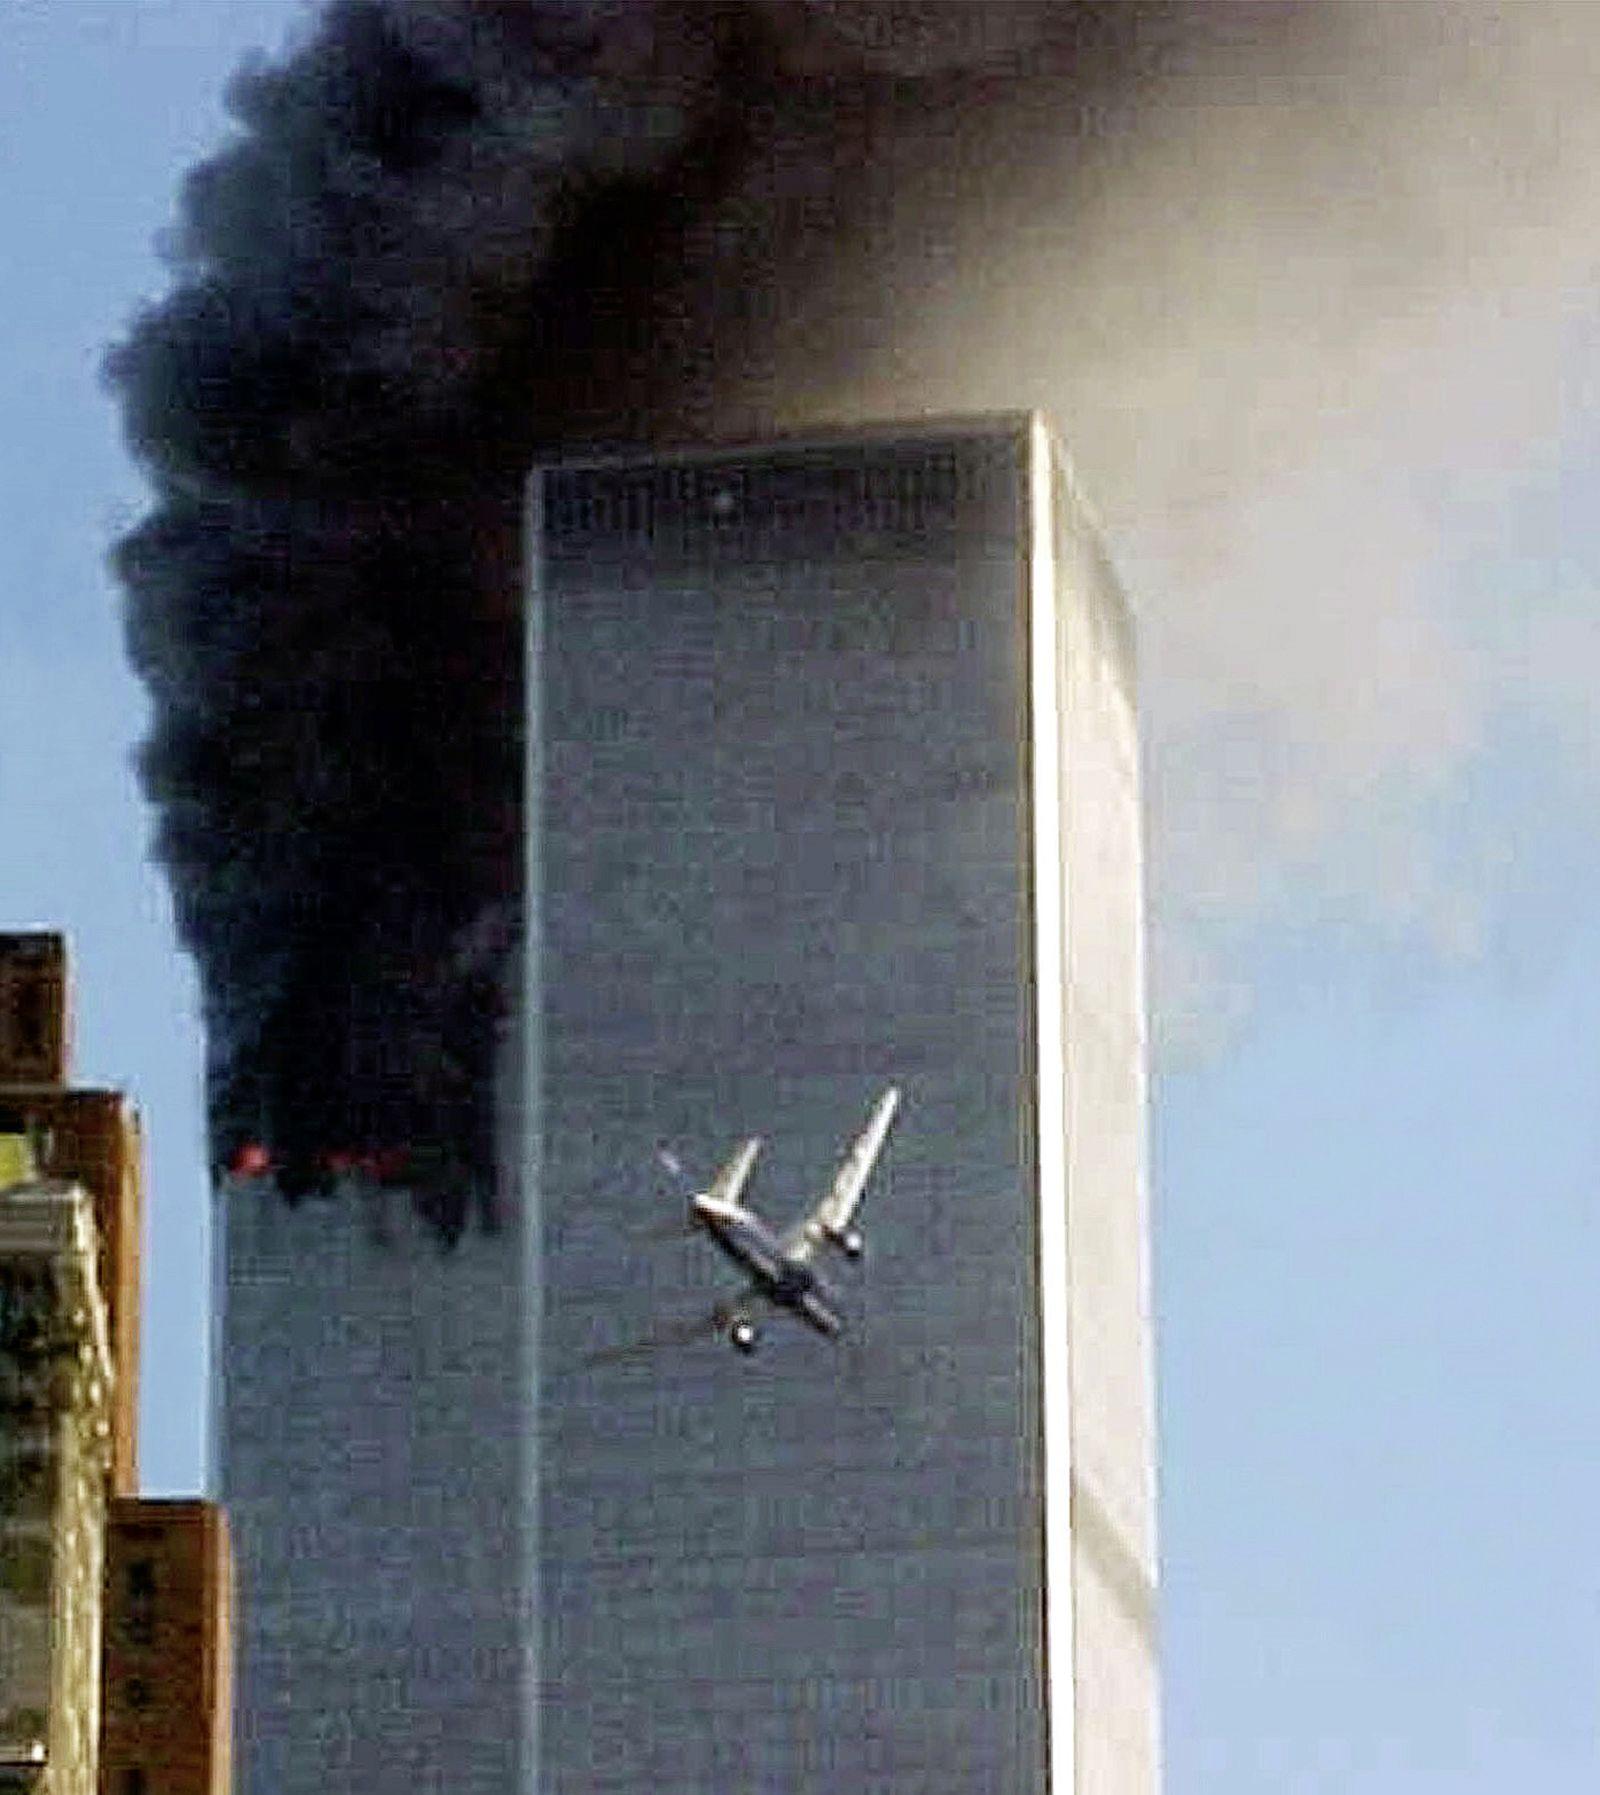 World Trade Center / 11. September 2001